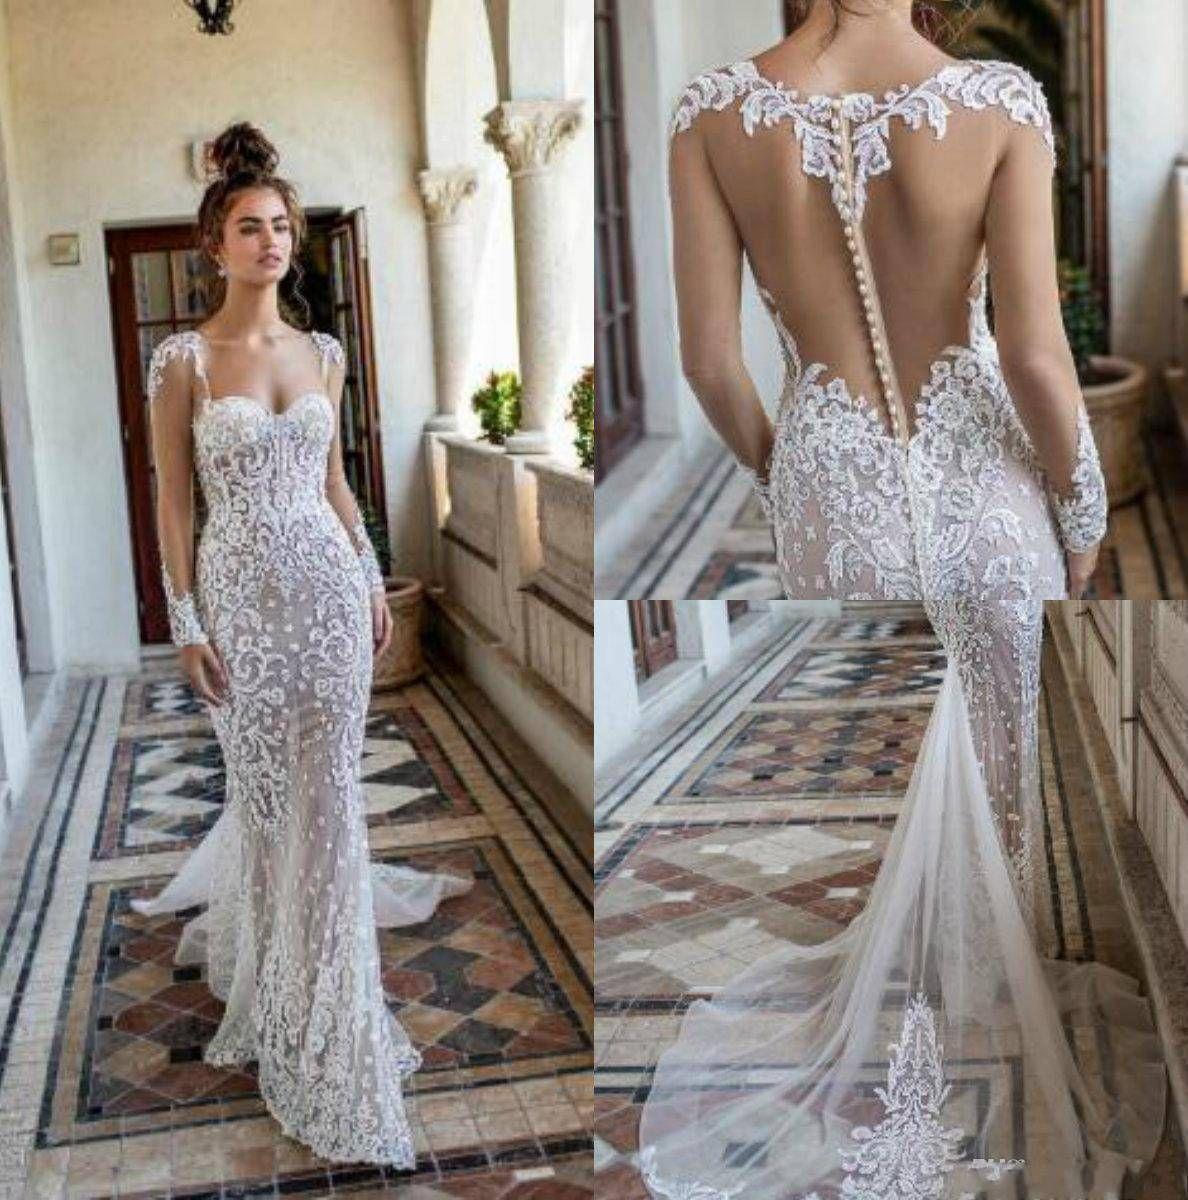 Mermaid Wedding Gowns 2019: Berta Spring 2019 Mermaid Lace Wedding Dresses Sweetheart